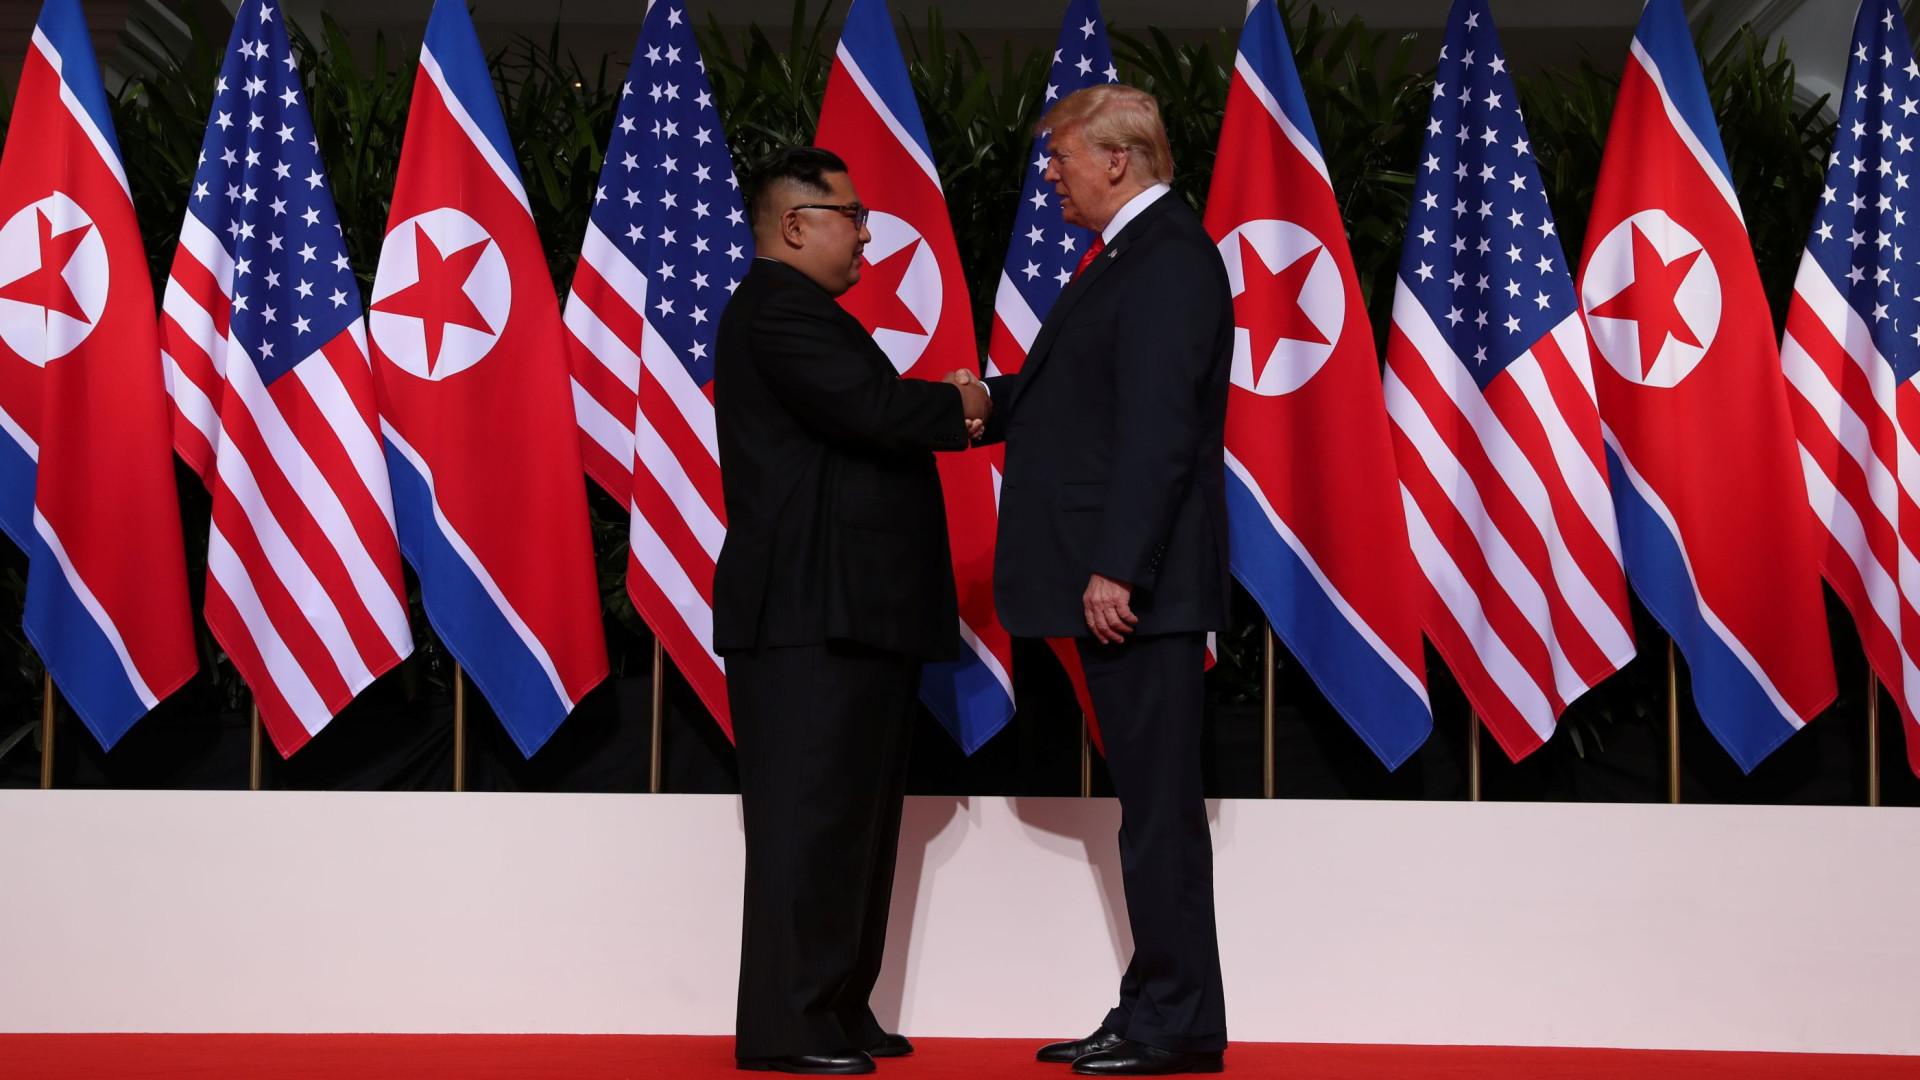 Cimeira histórica começou com aperto de mão entre Trump e Kim